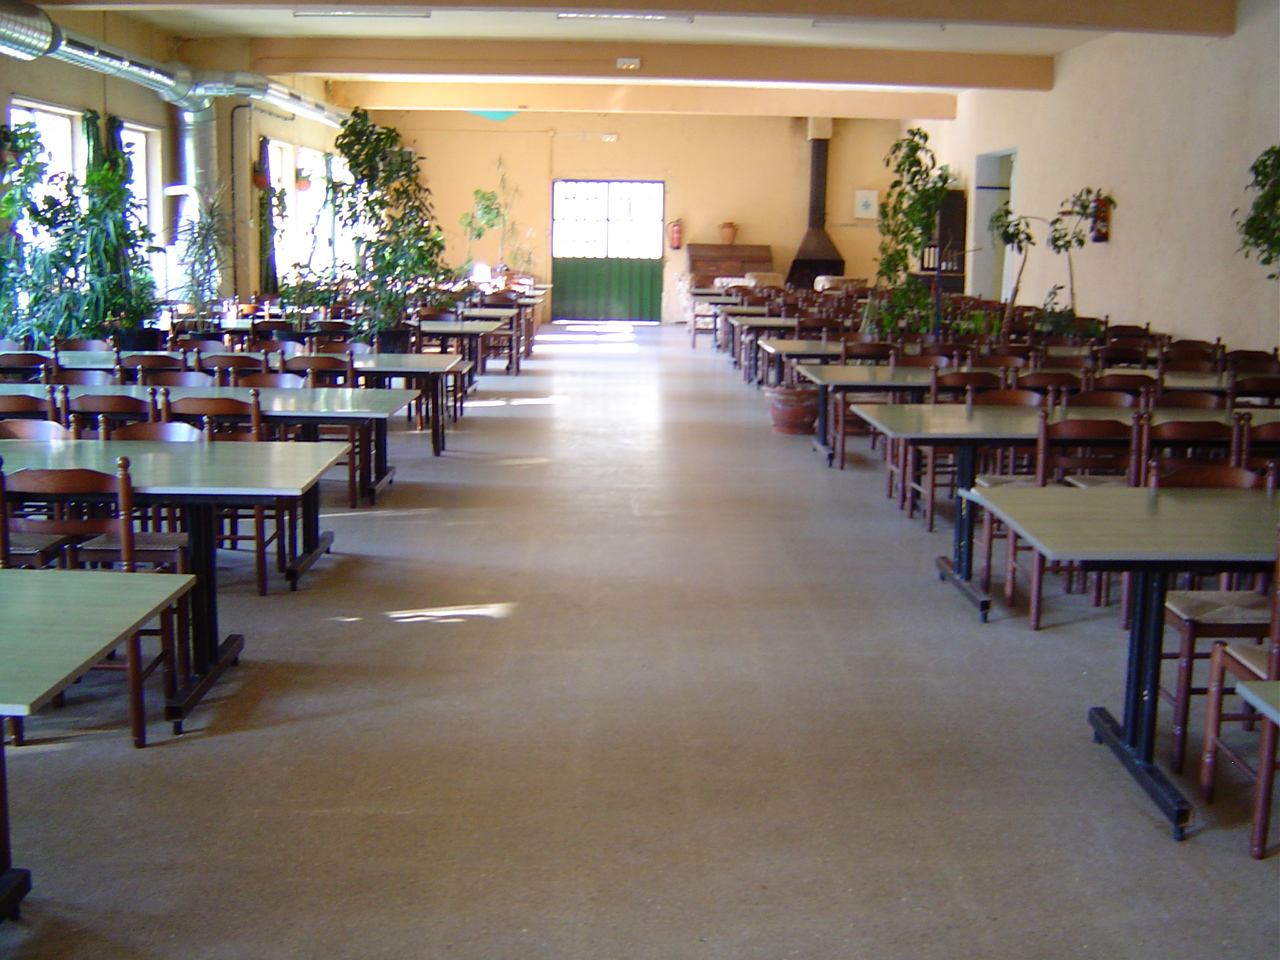 Casa de colonies el pinatar menjador bruixola br ixola activitats de lleure i col nies a catalunya - Casa de colonies els clapers ...